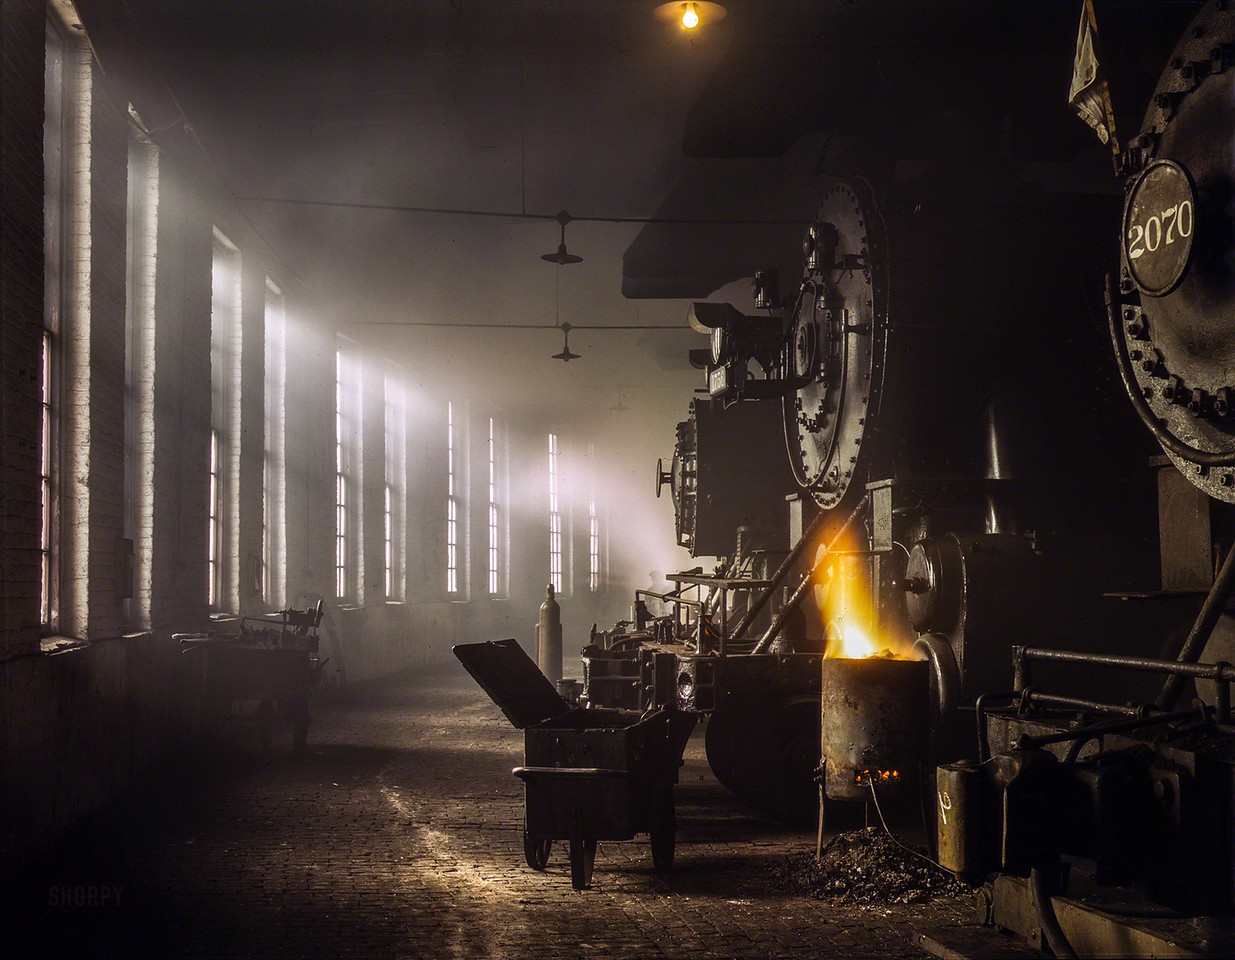 Locomotive Dreams